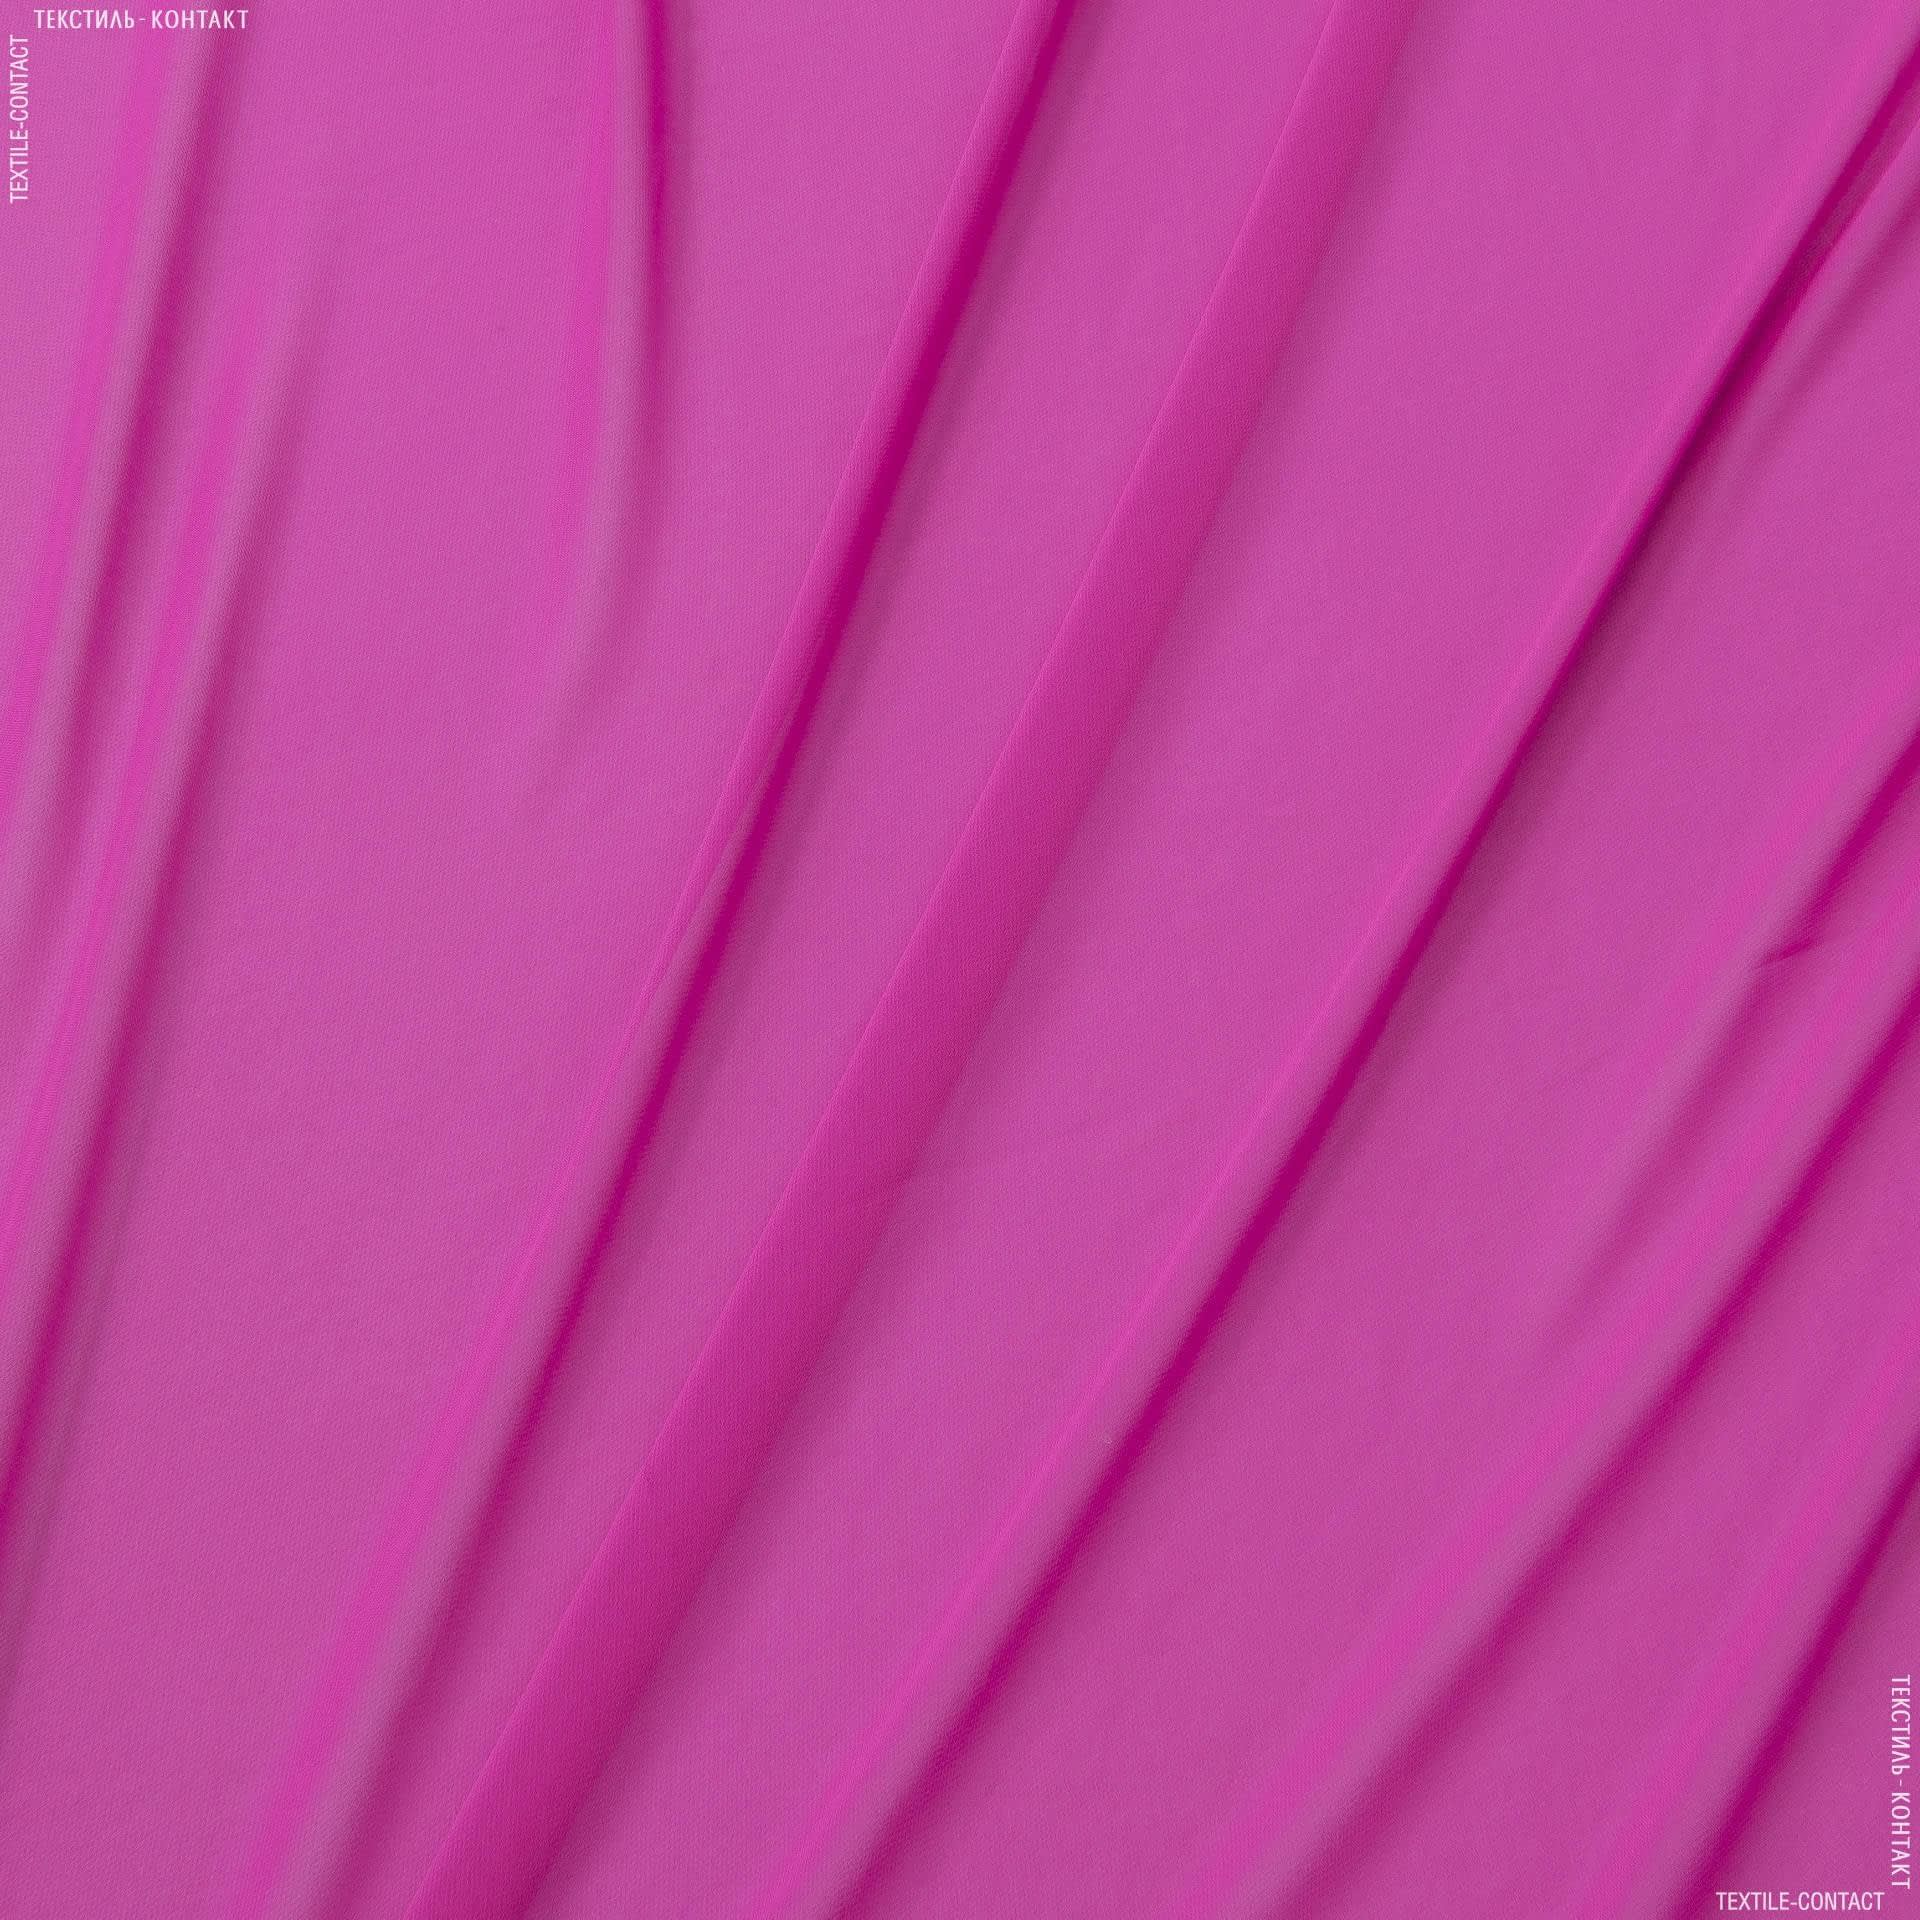 Тканини для хусток та бандан - Шифон мульті яскраво-малиновий